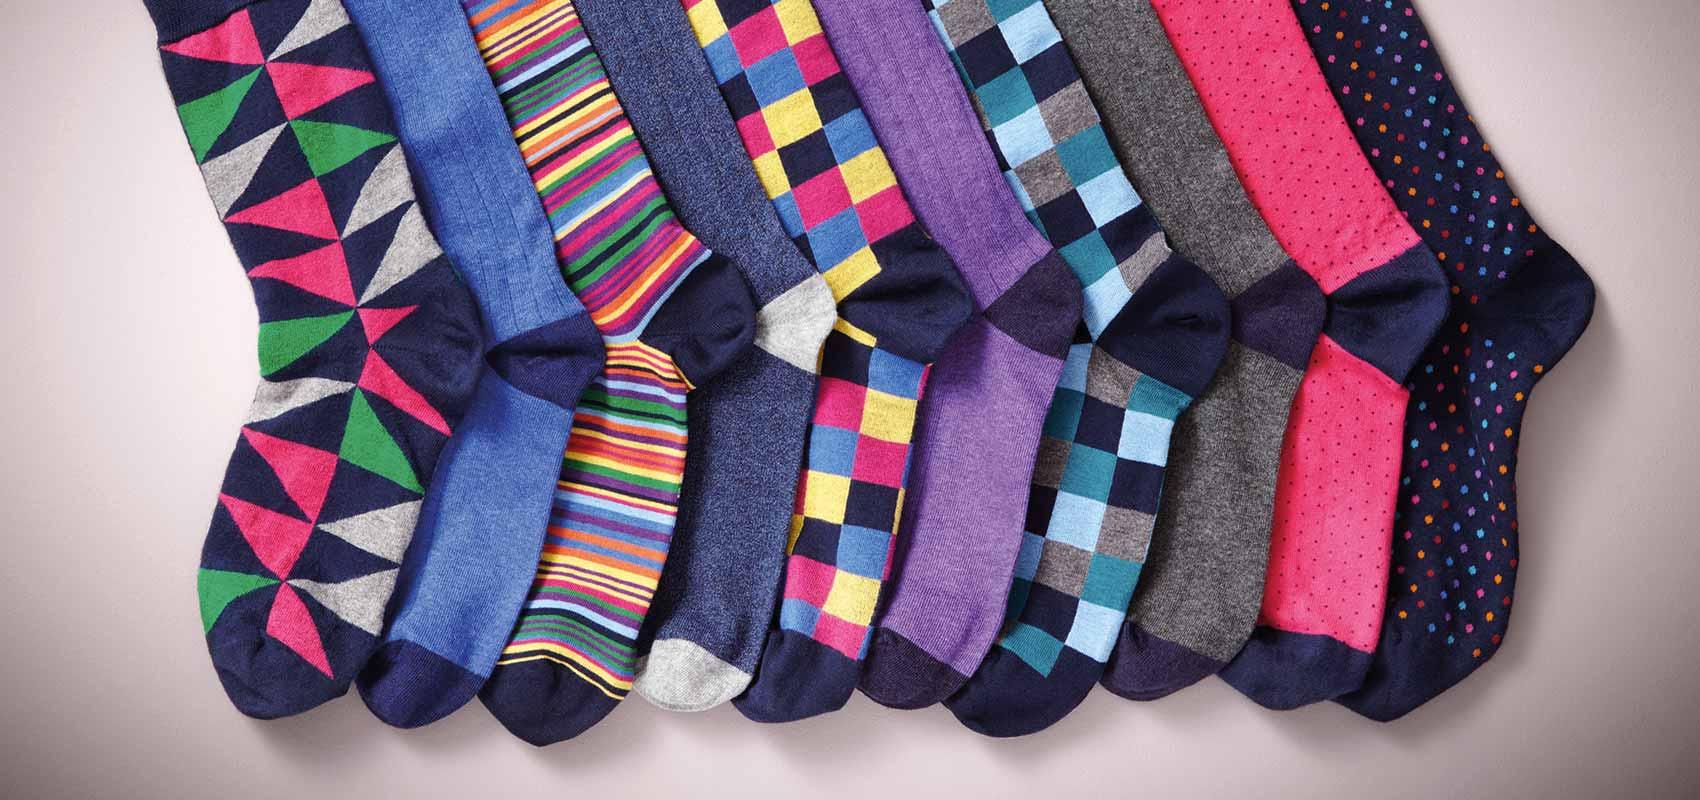 Charles Tyrwhitt Socken